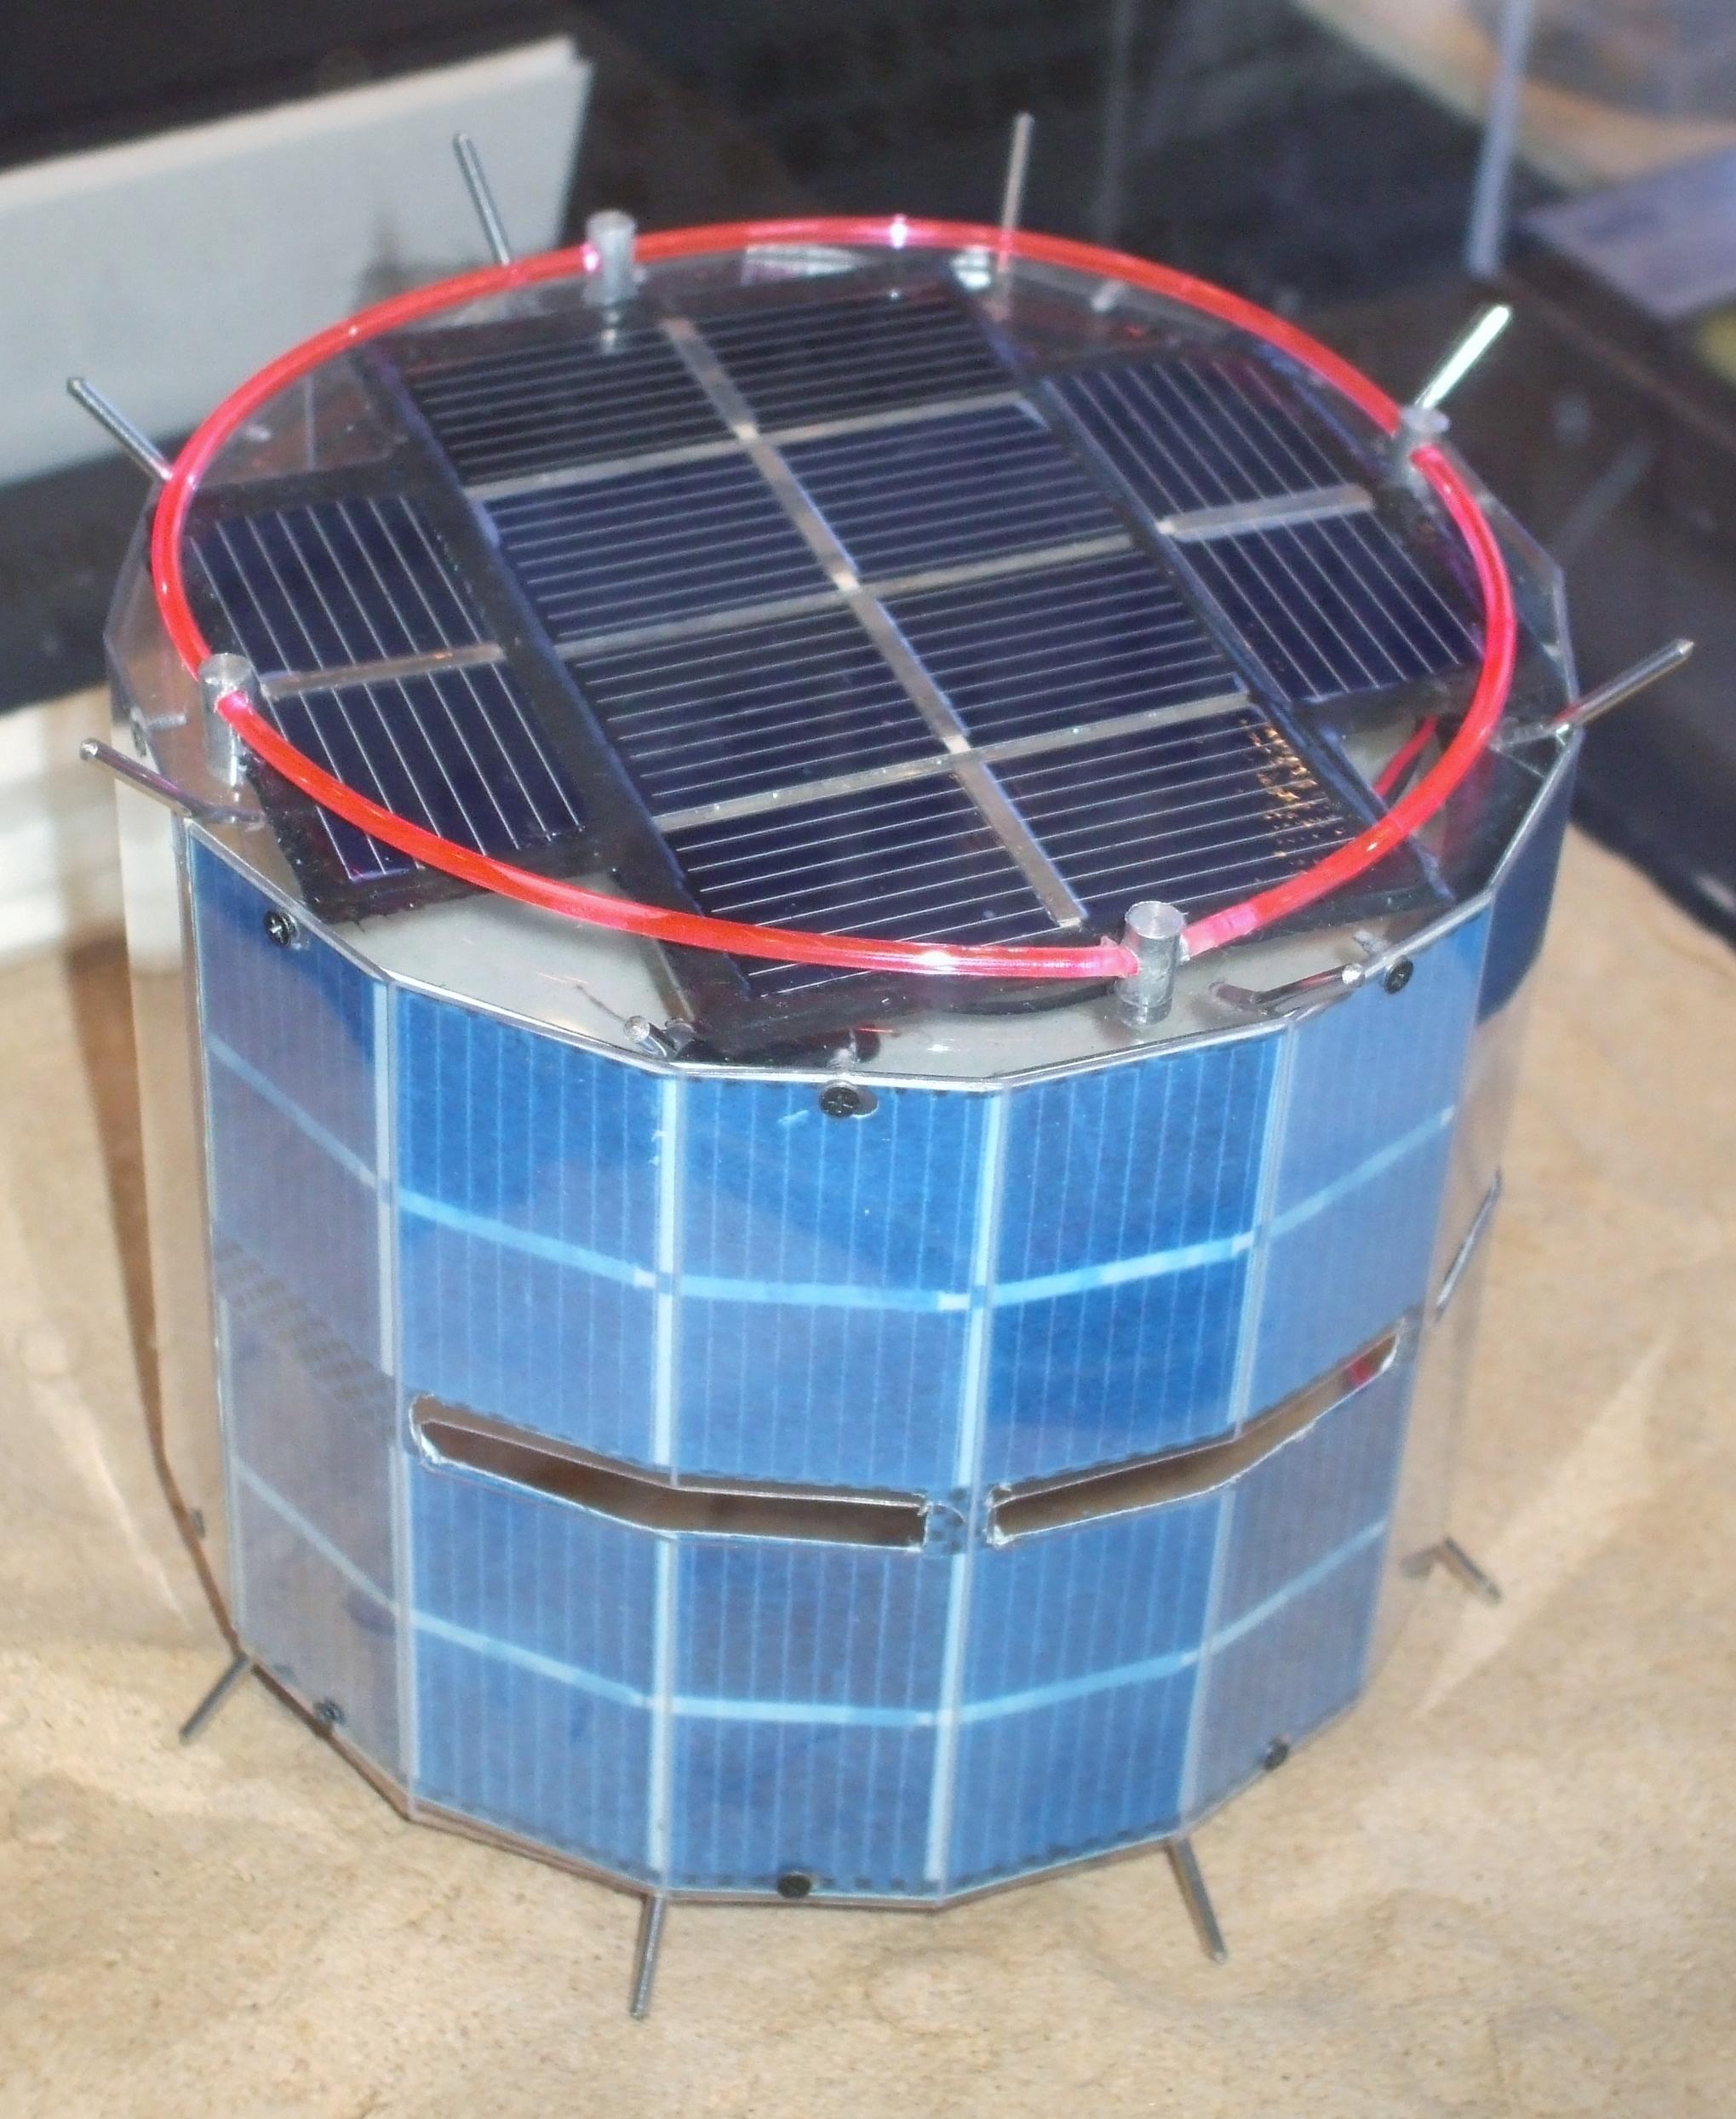 MINERVA (spacecraft) - Wikiwand